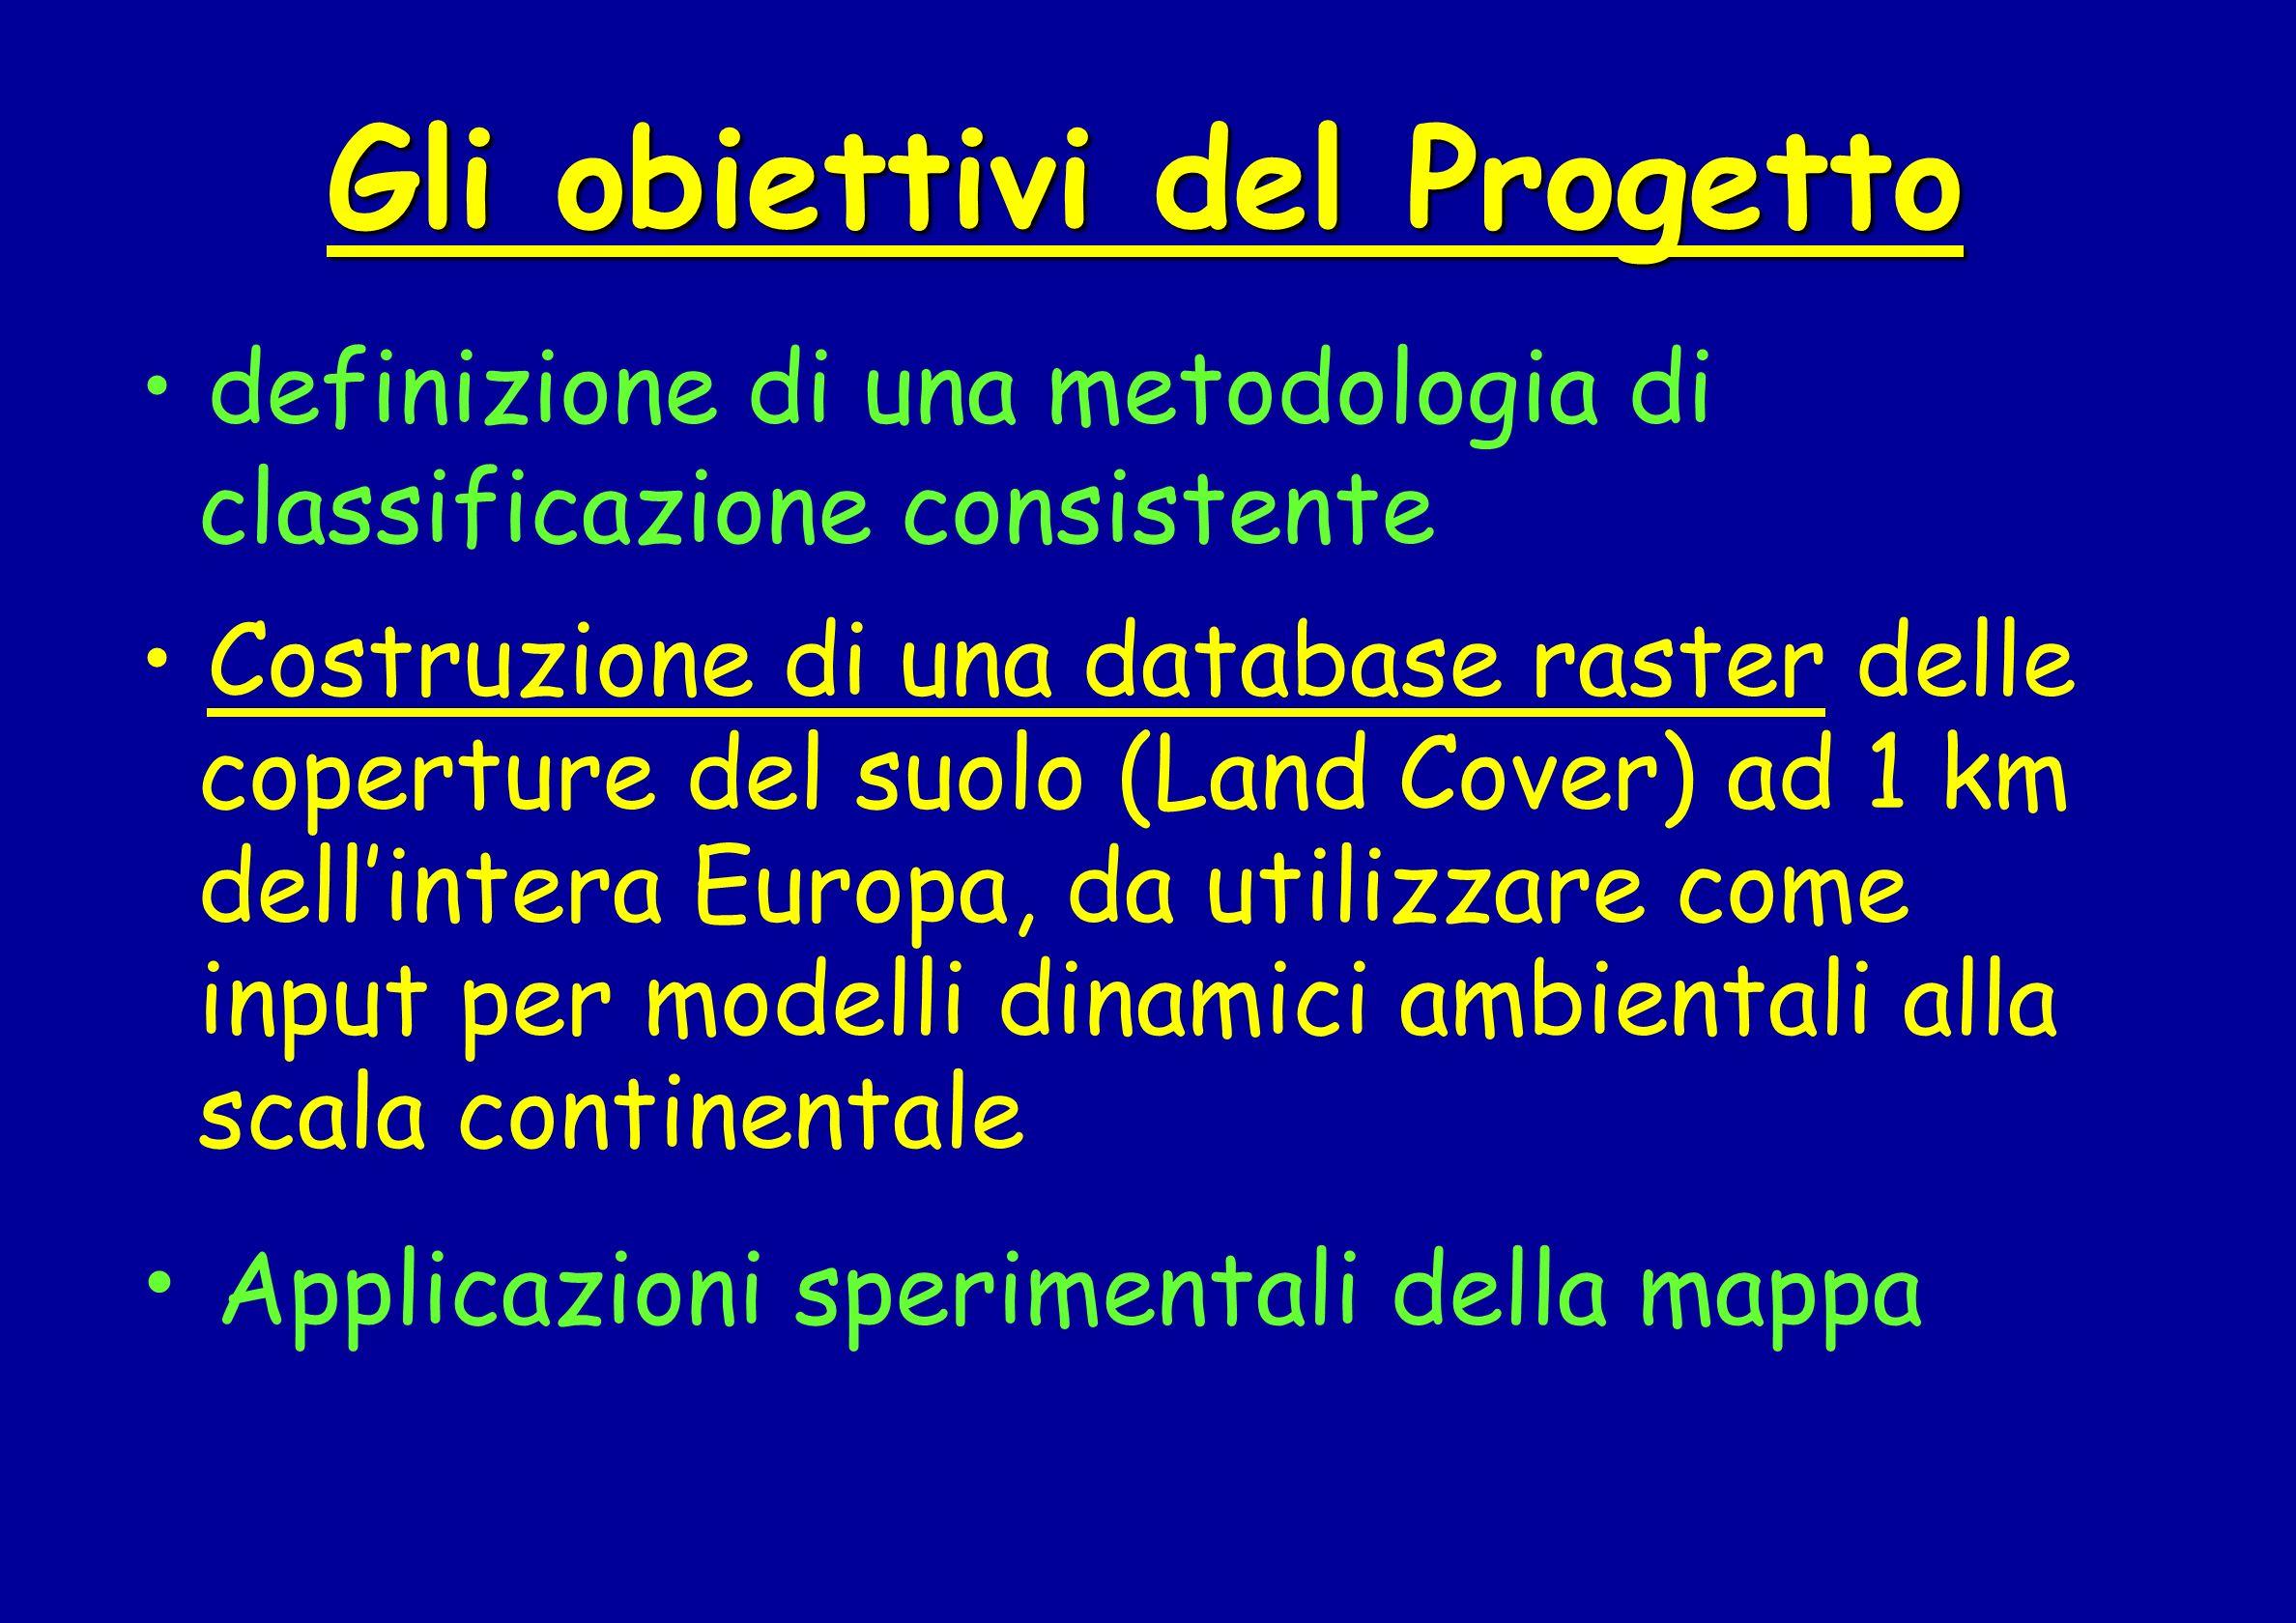 Gli obiettivi del Progetto definizione di una metodologia di classificazione consistente Costruzione di una database raster delle coperture del suolo